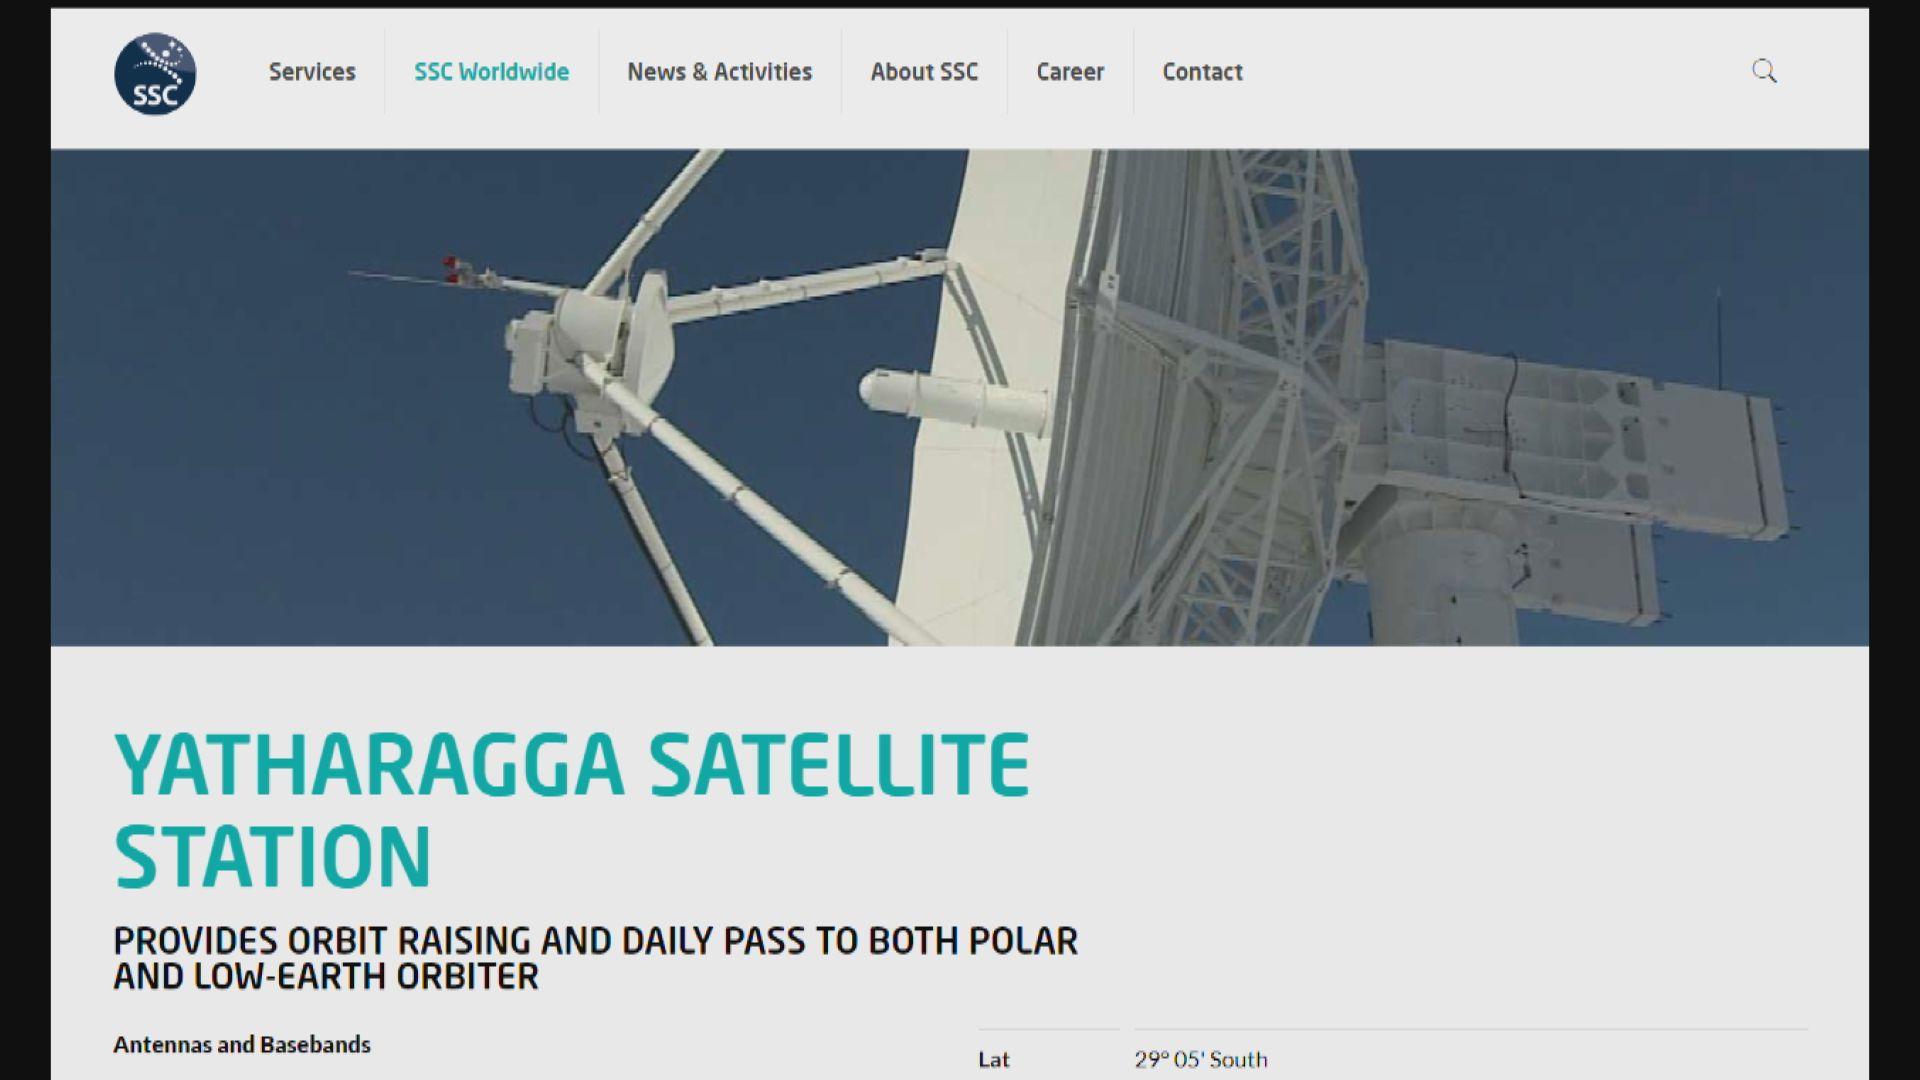 中國於澳洲西部的太空追蹤設施不獲續租